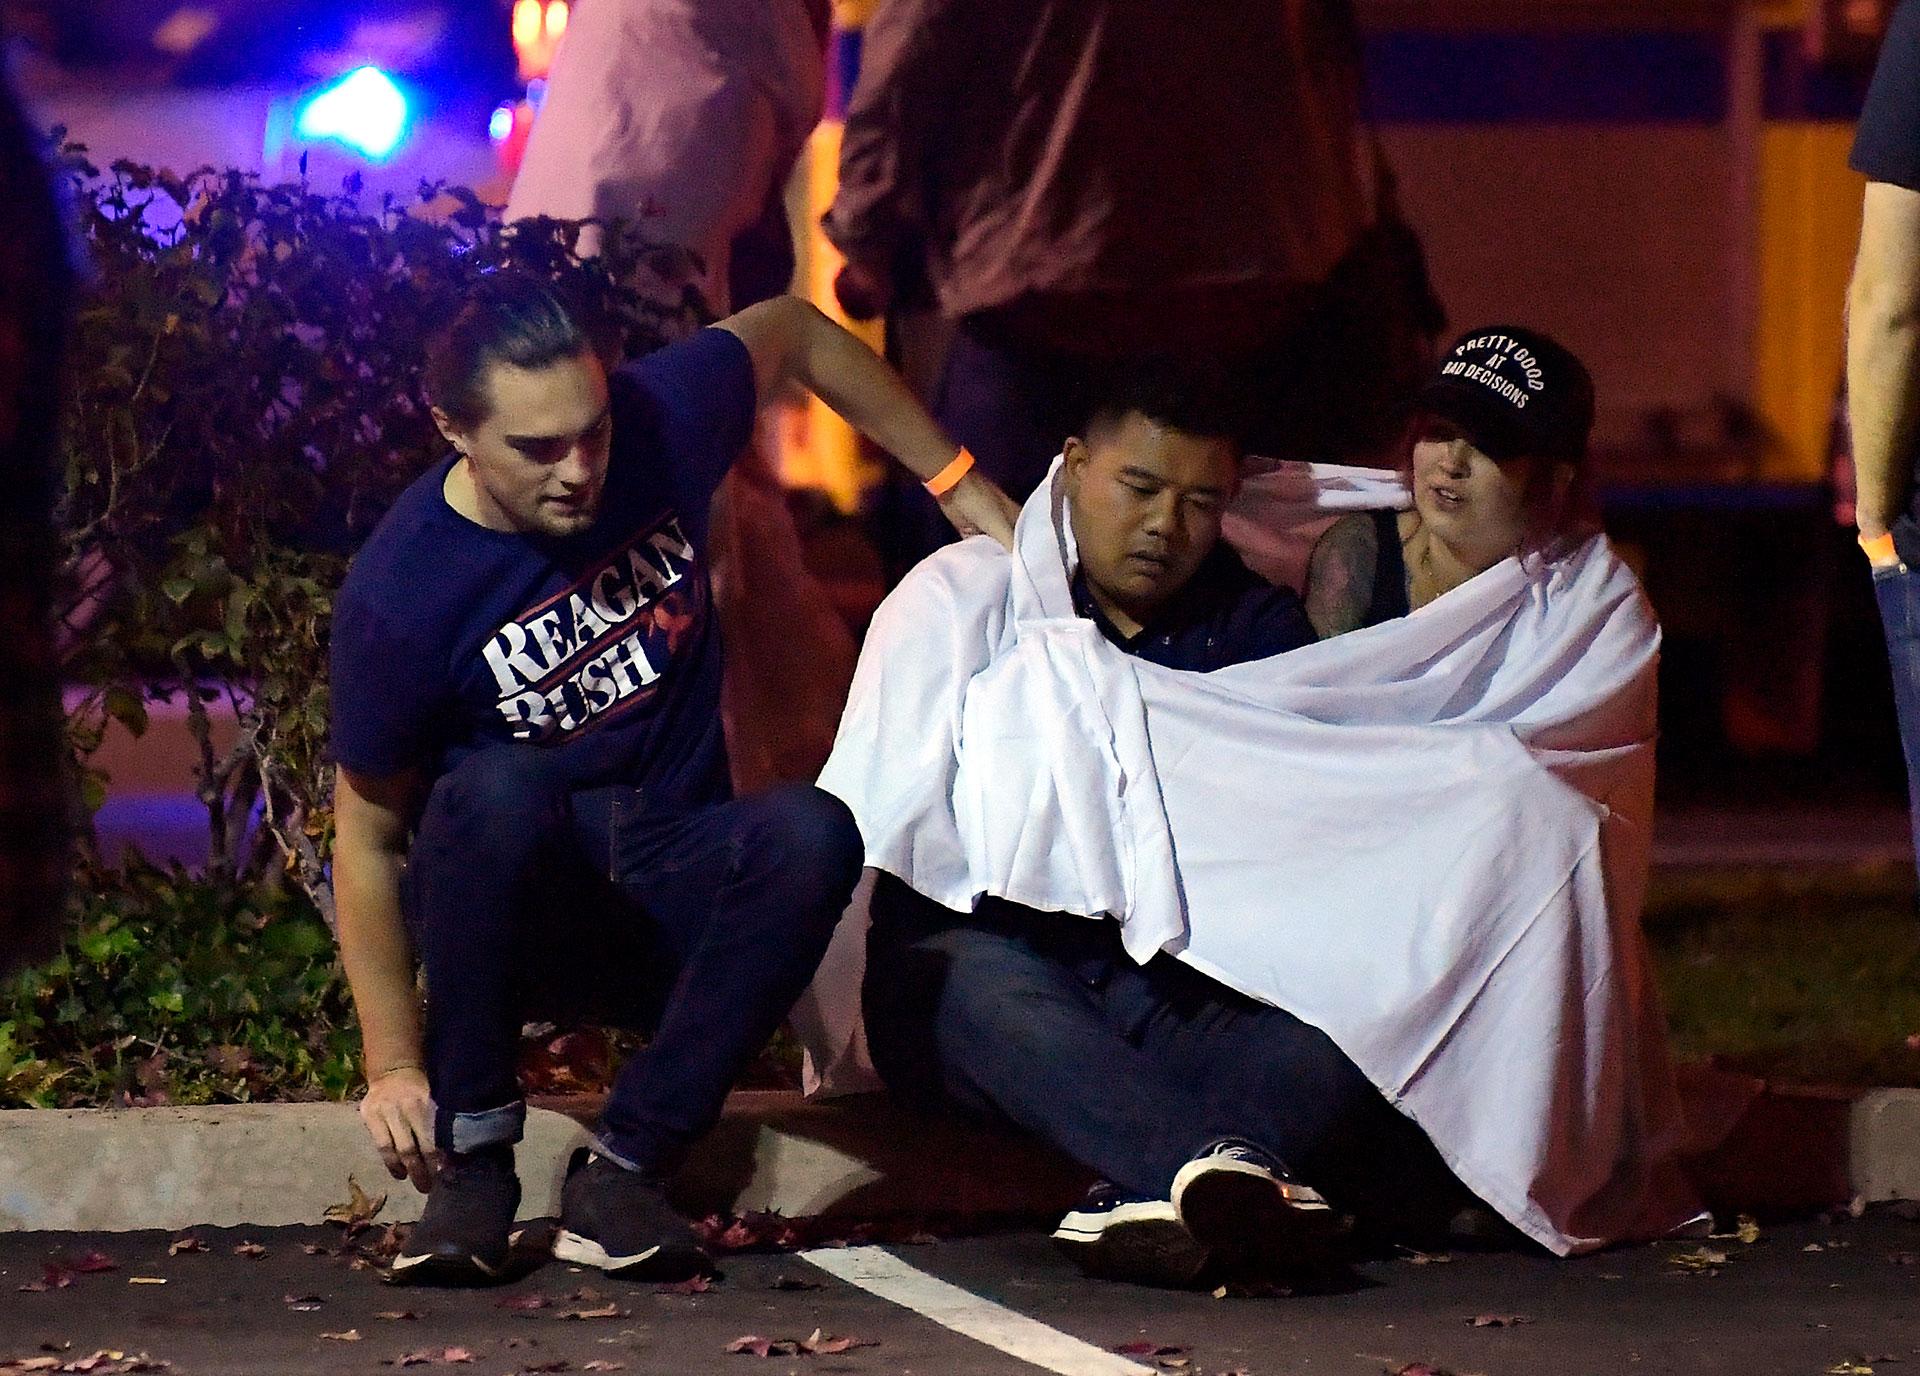 Algunos testigos aseguraron tener amigos en el lugar que habían sobrevivido a la masacre de Las Vegas, donde un tirador disparó en un festival de música country